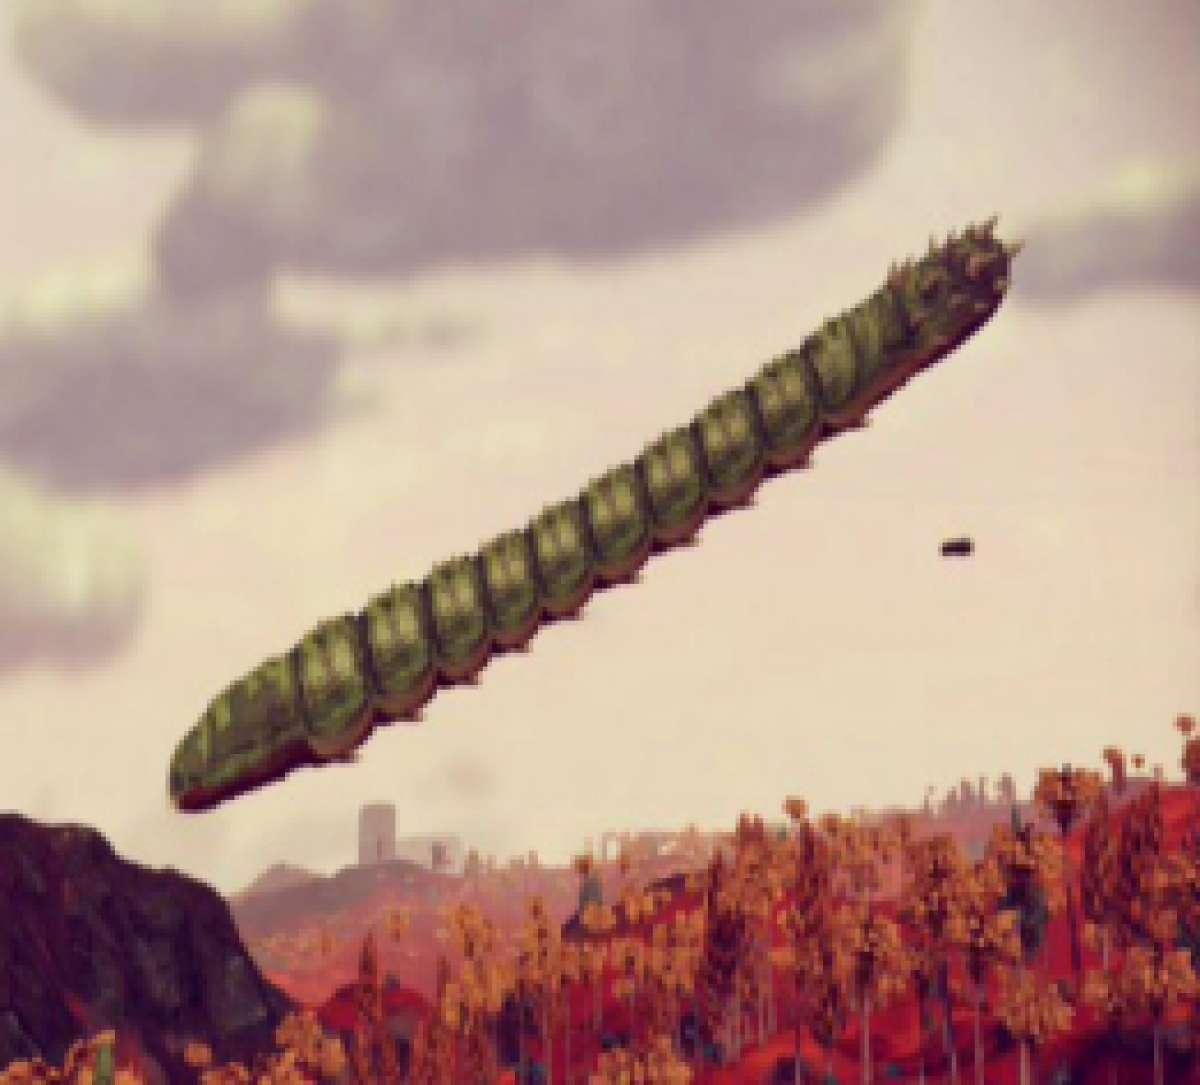 Видео со странным «червём» в небе показал житель Аризоны